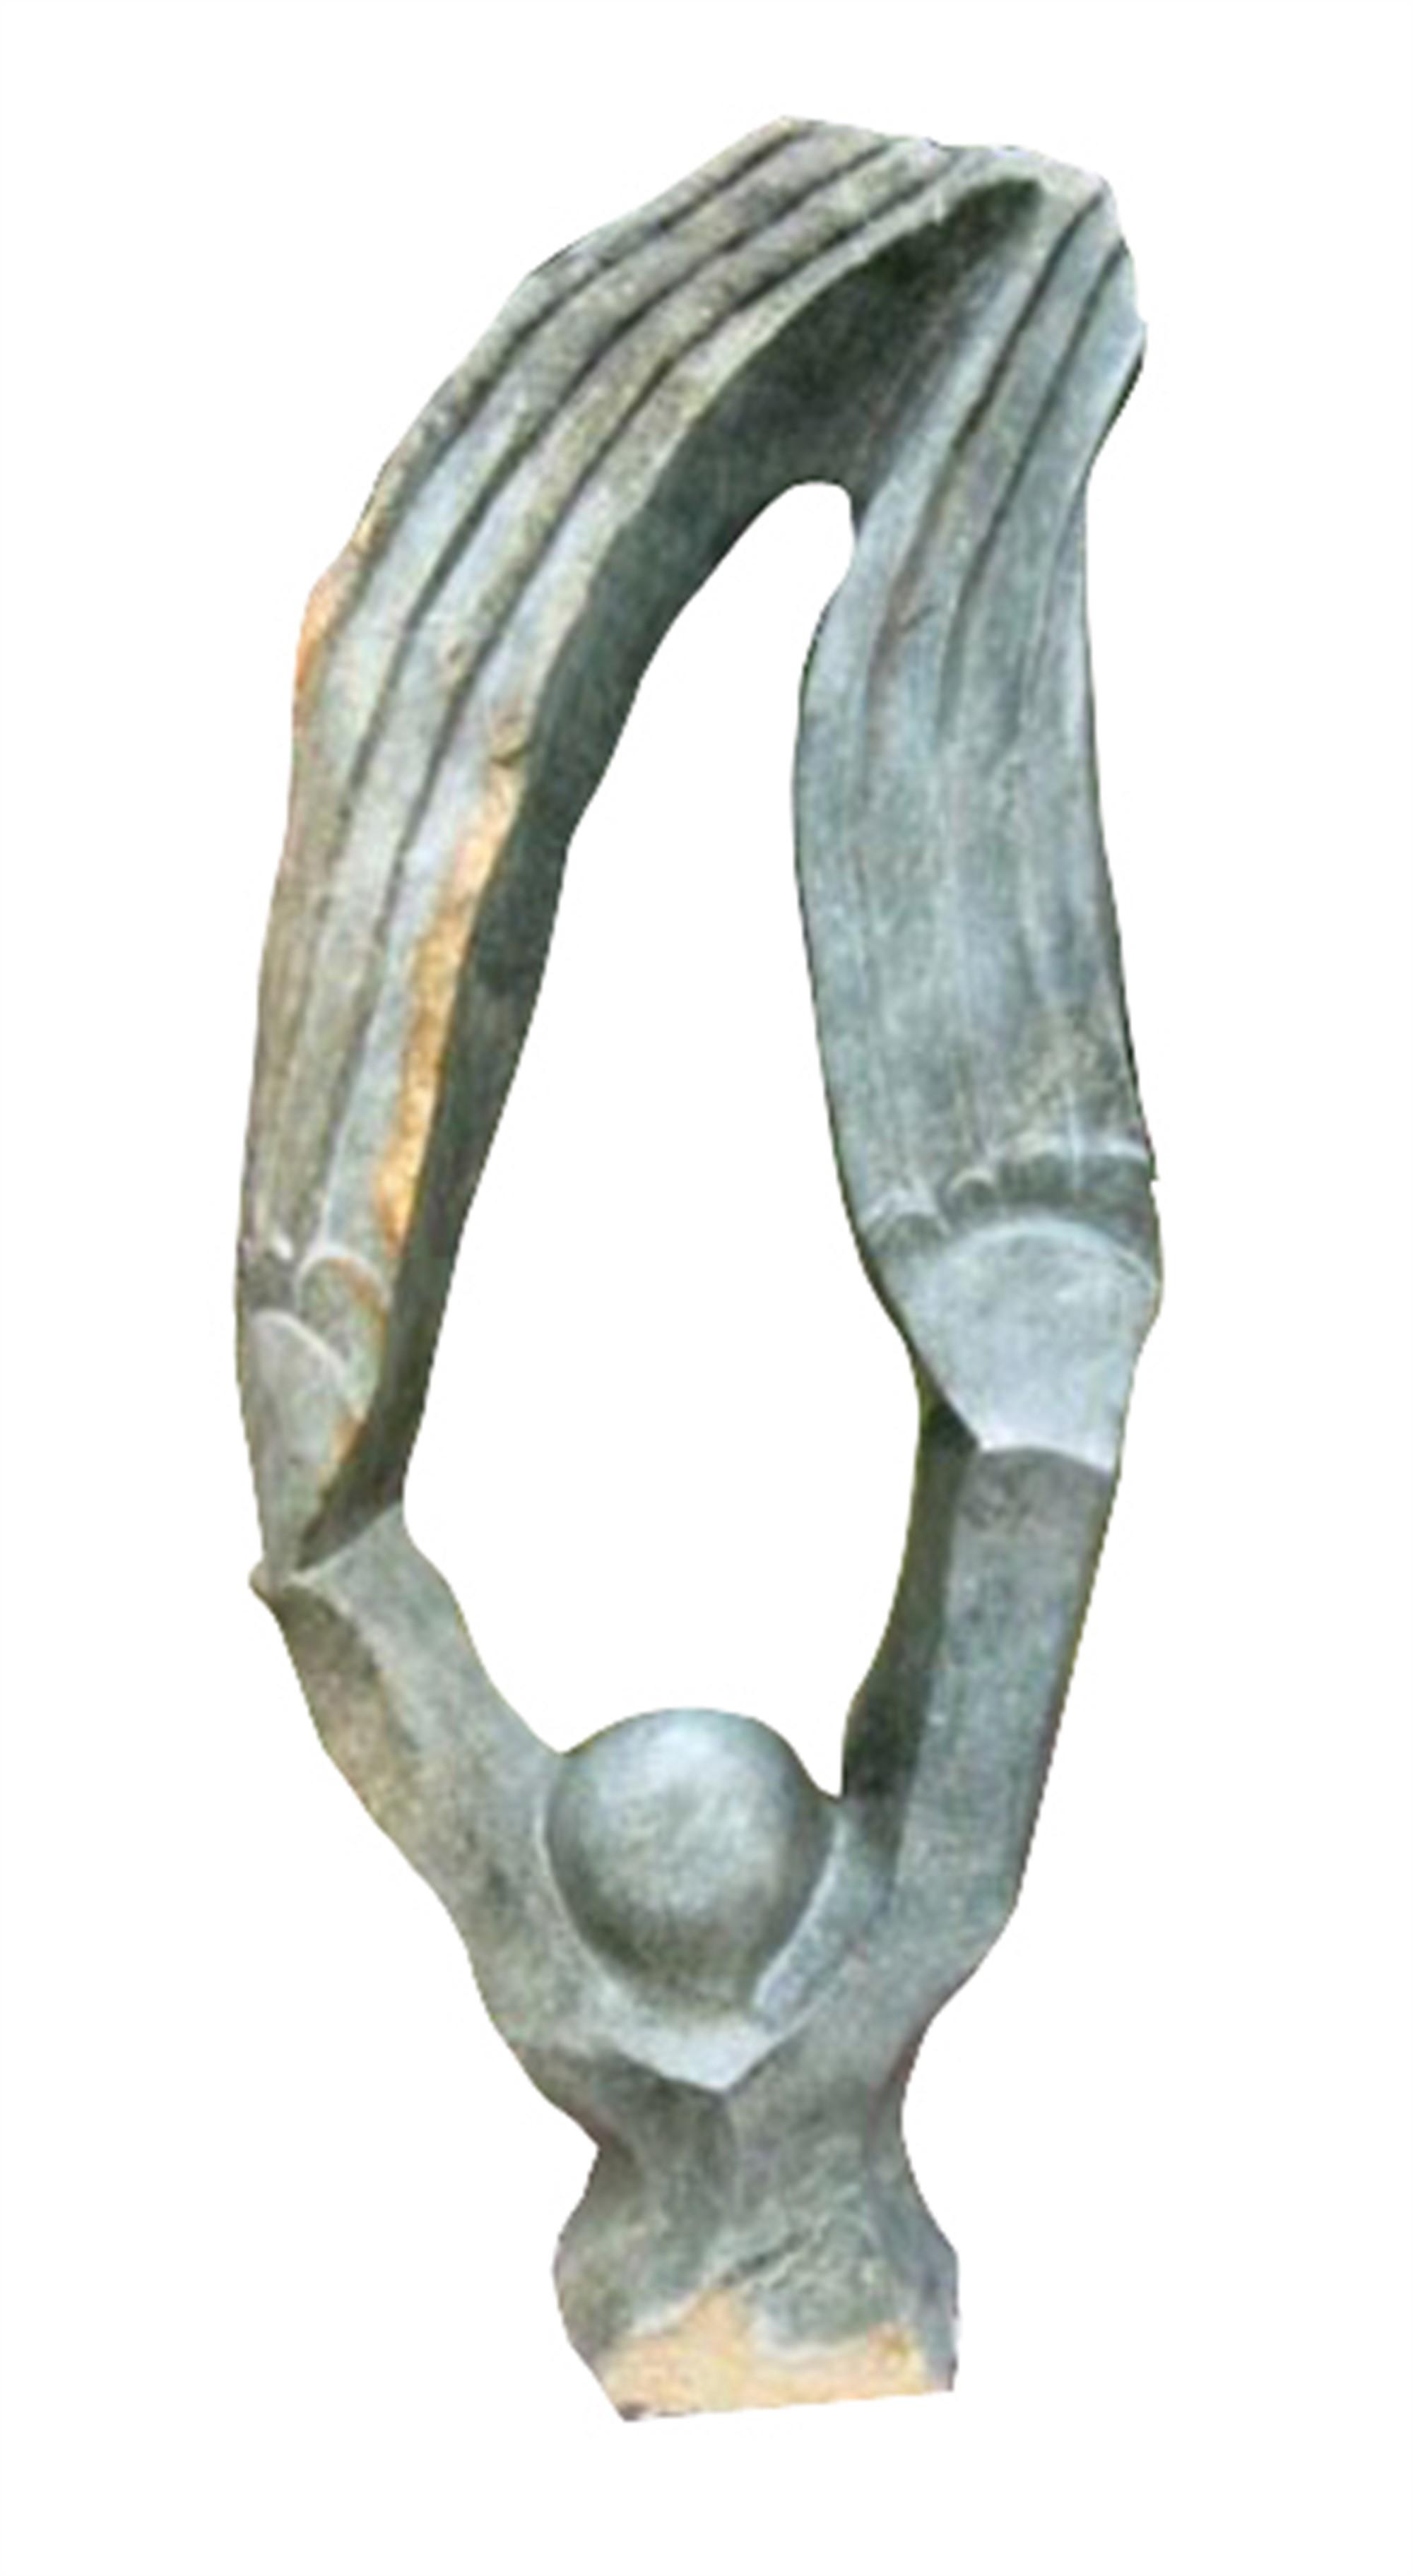 Angel of Mercy by Munyaradzi Mukungurutse - African (Shona)